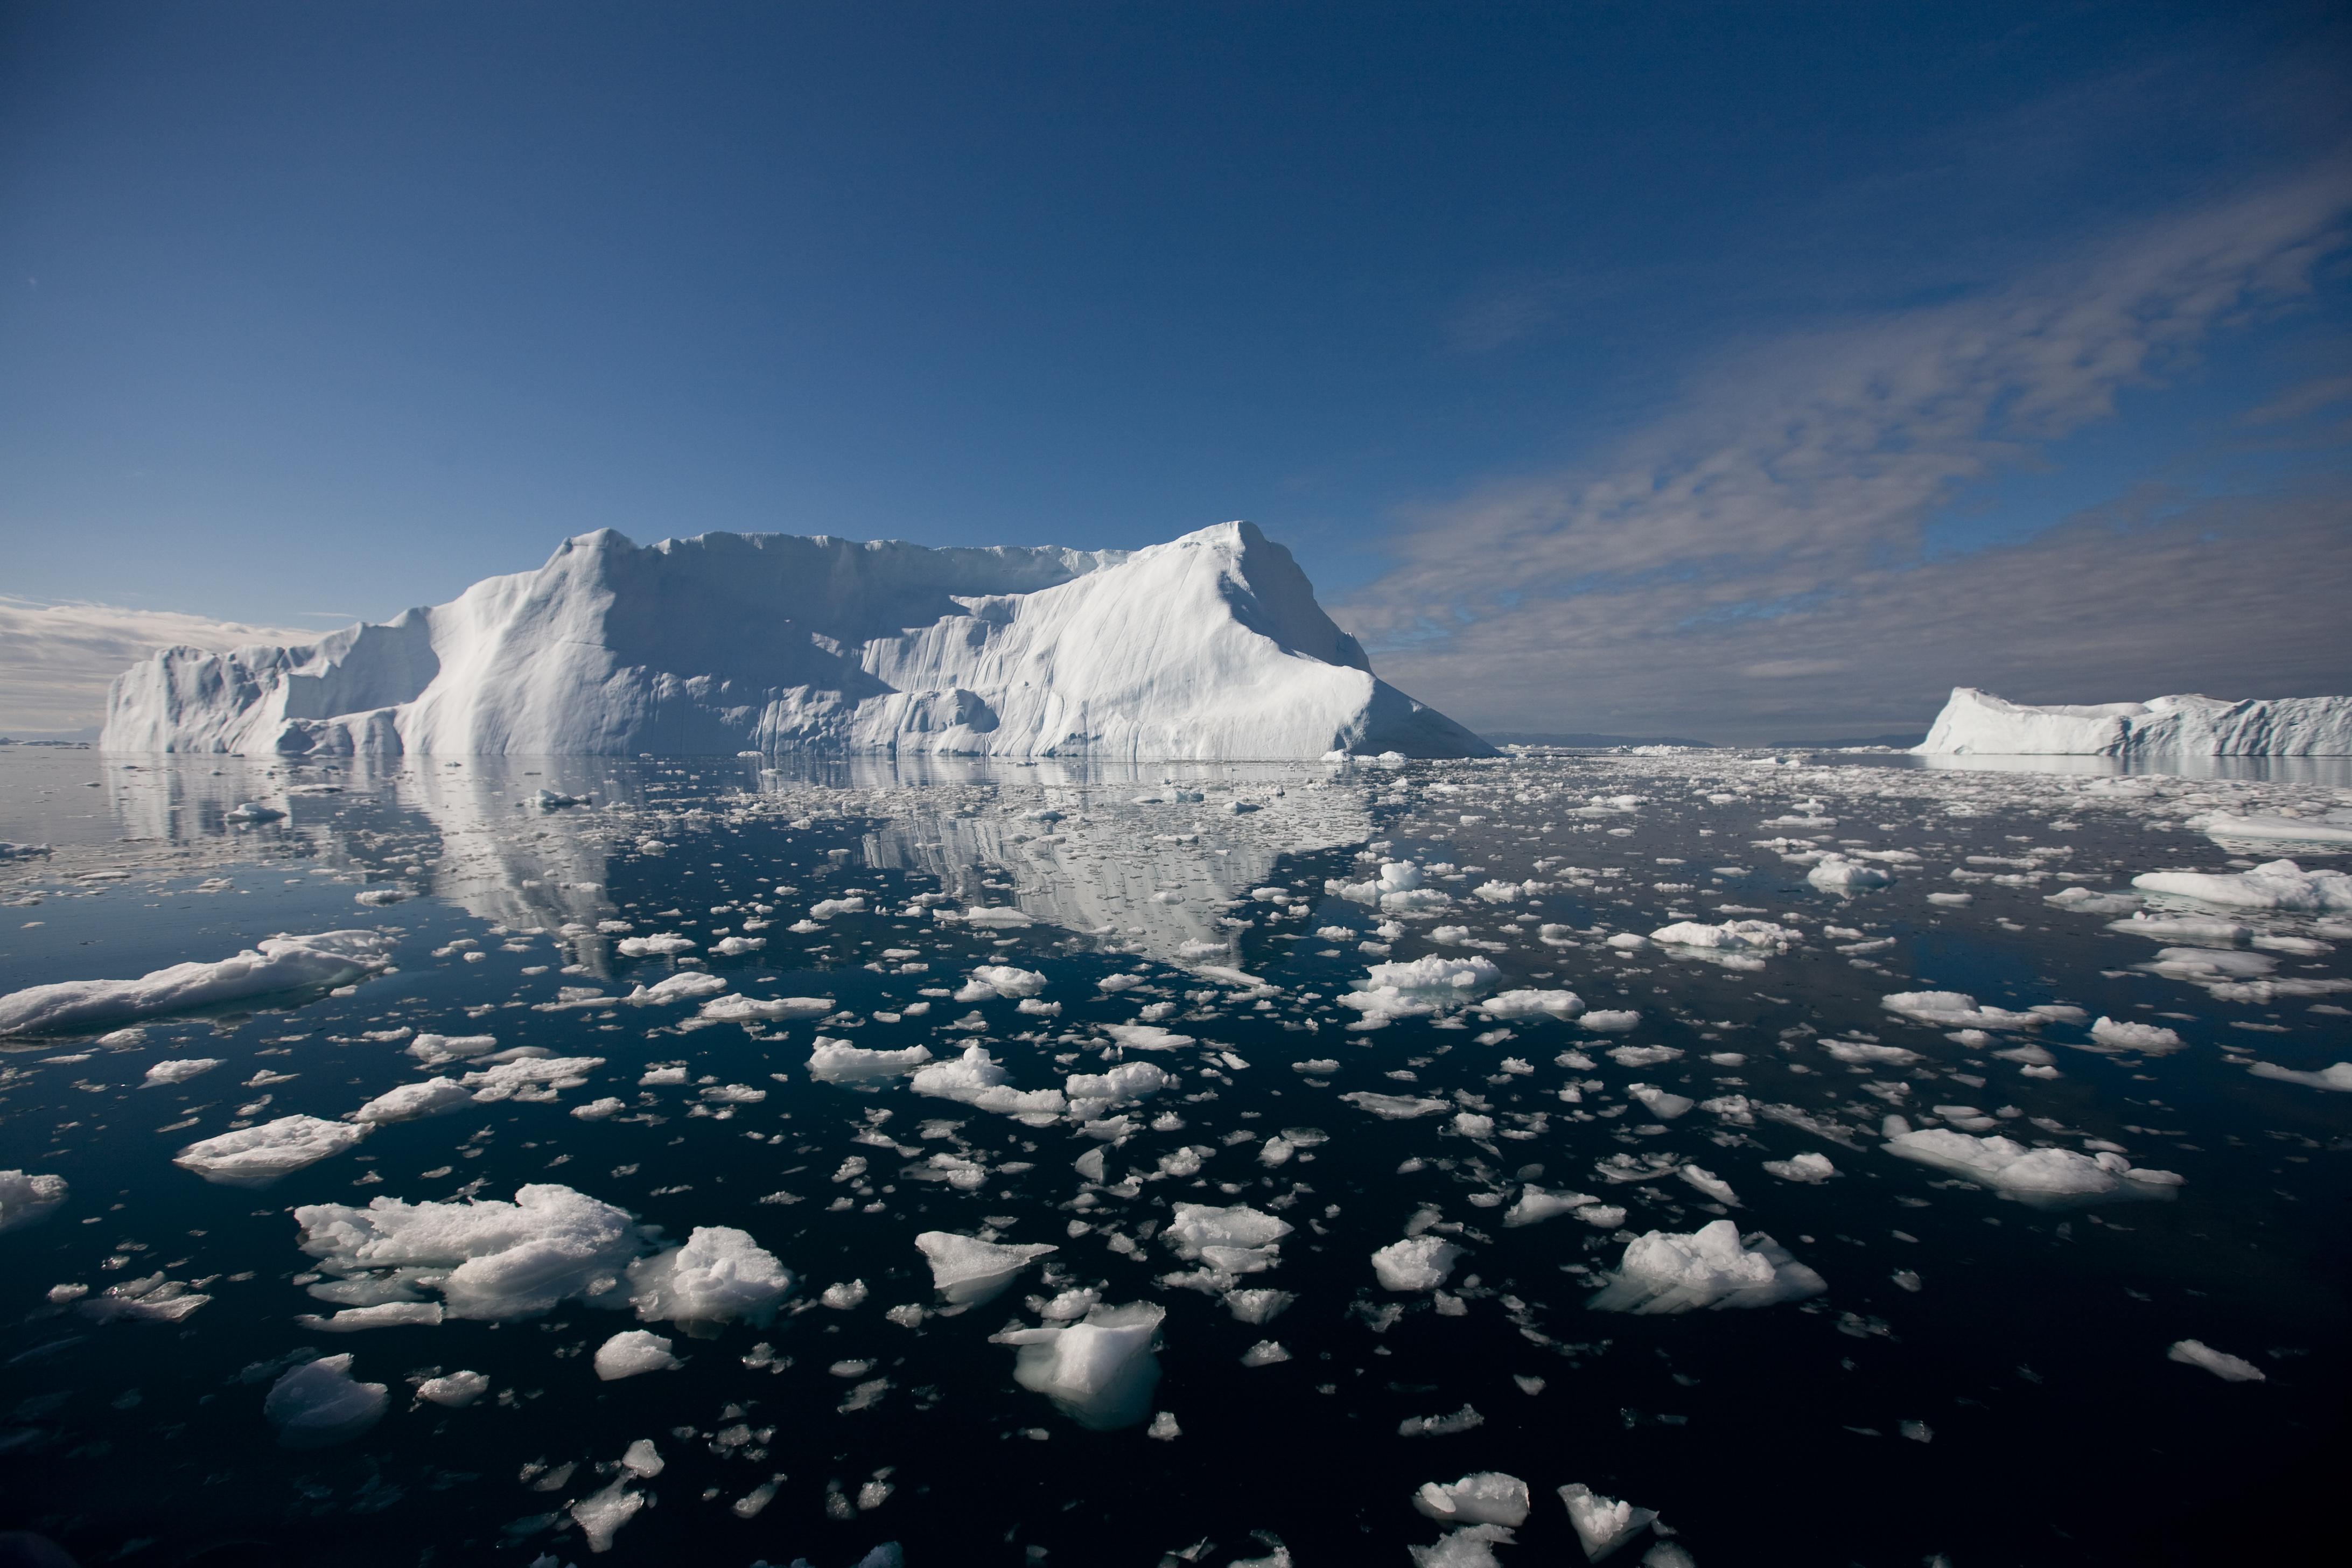 северный ледовитый океан картинки всего, развитие связано